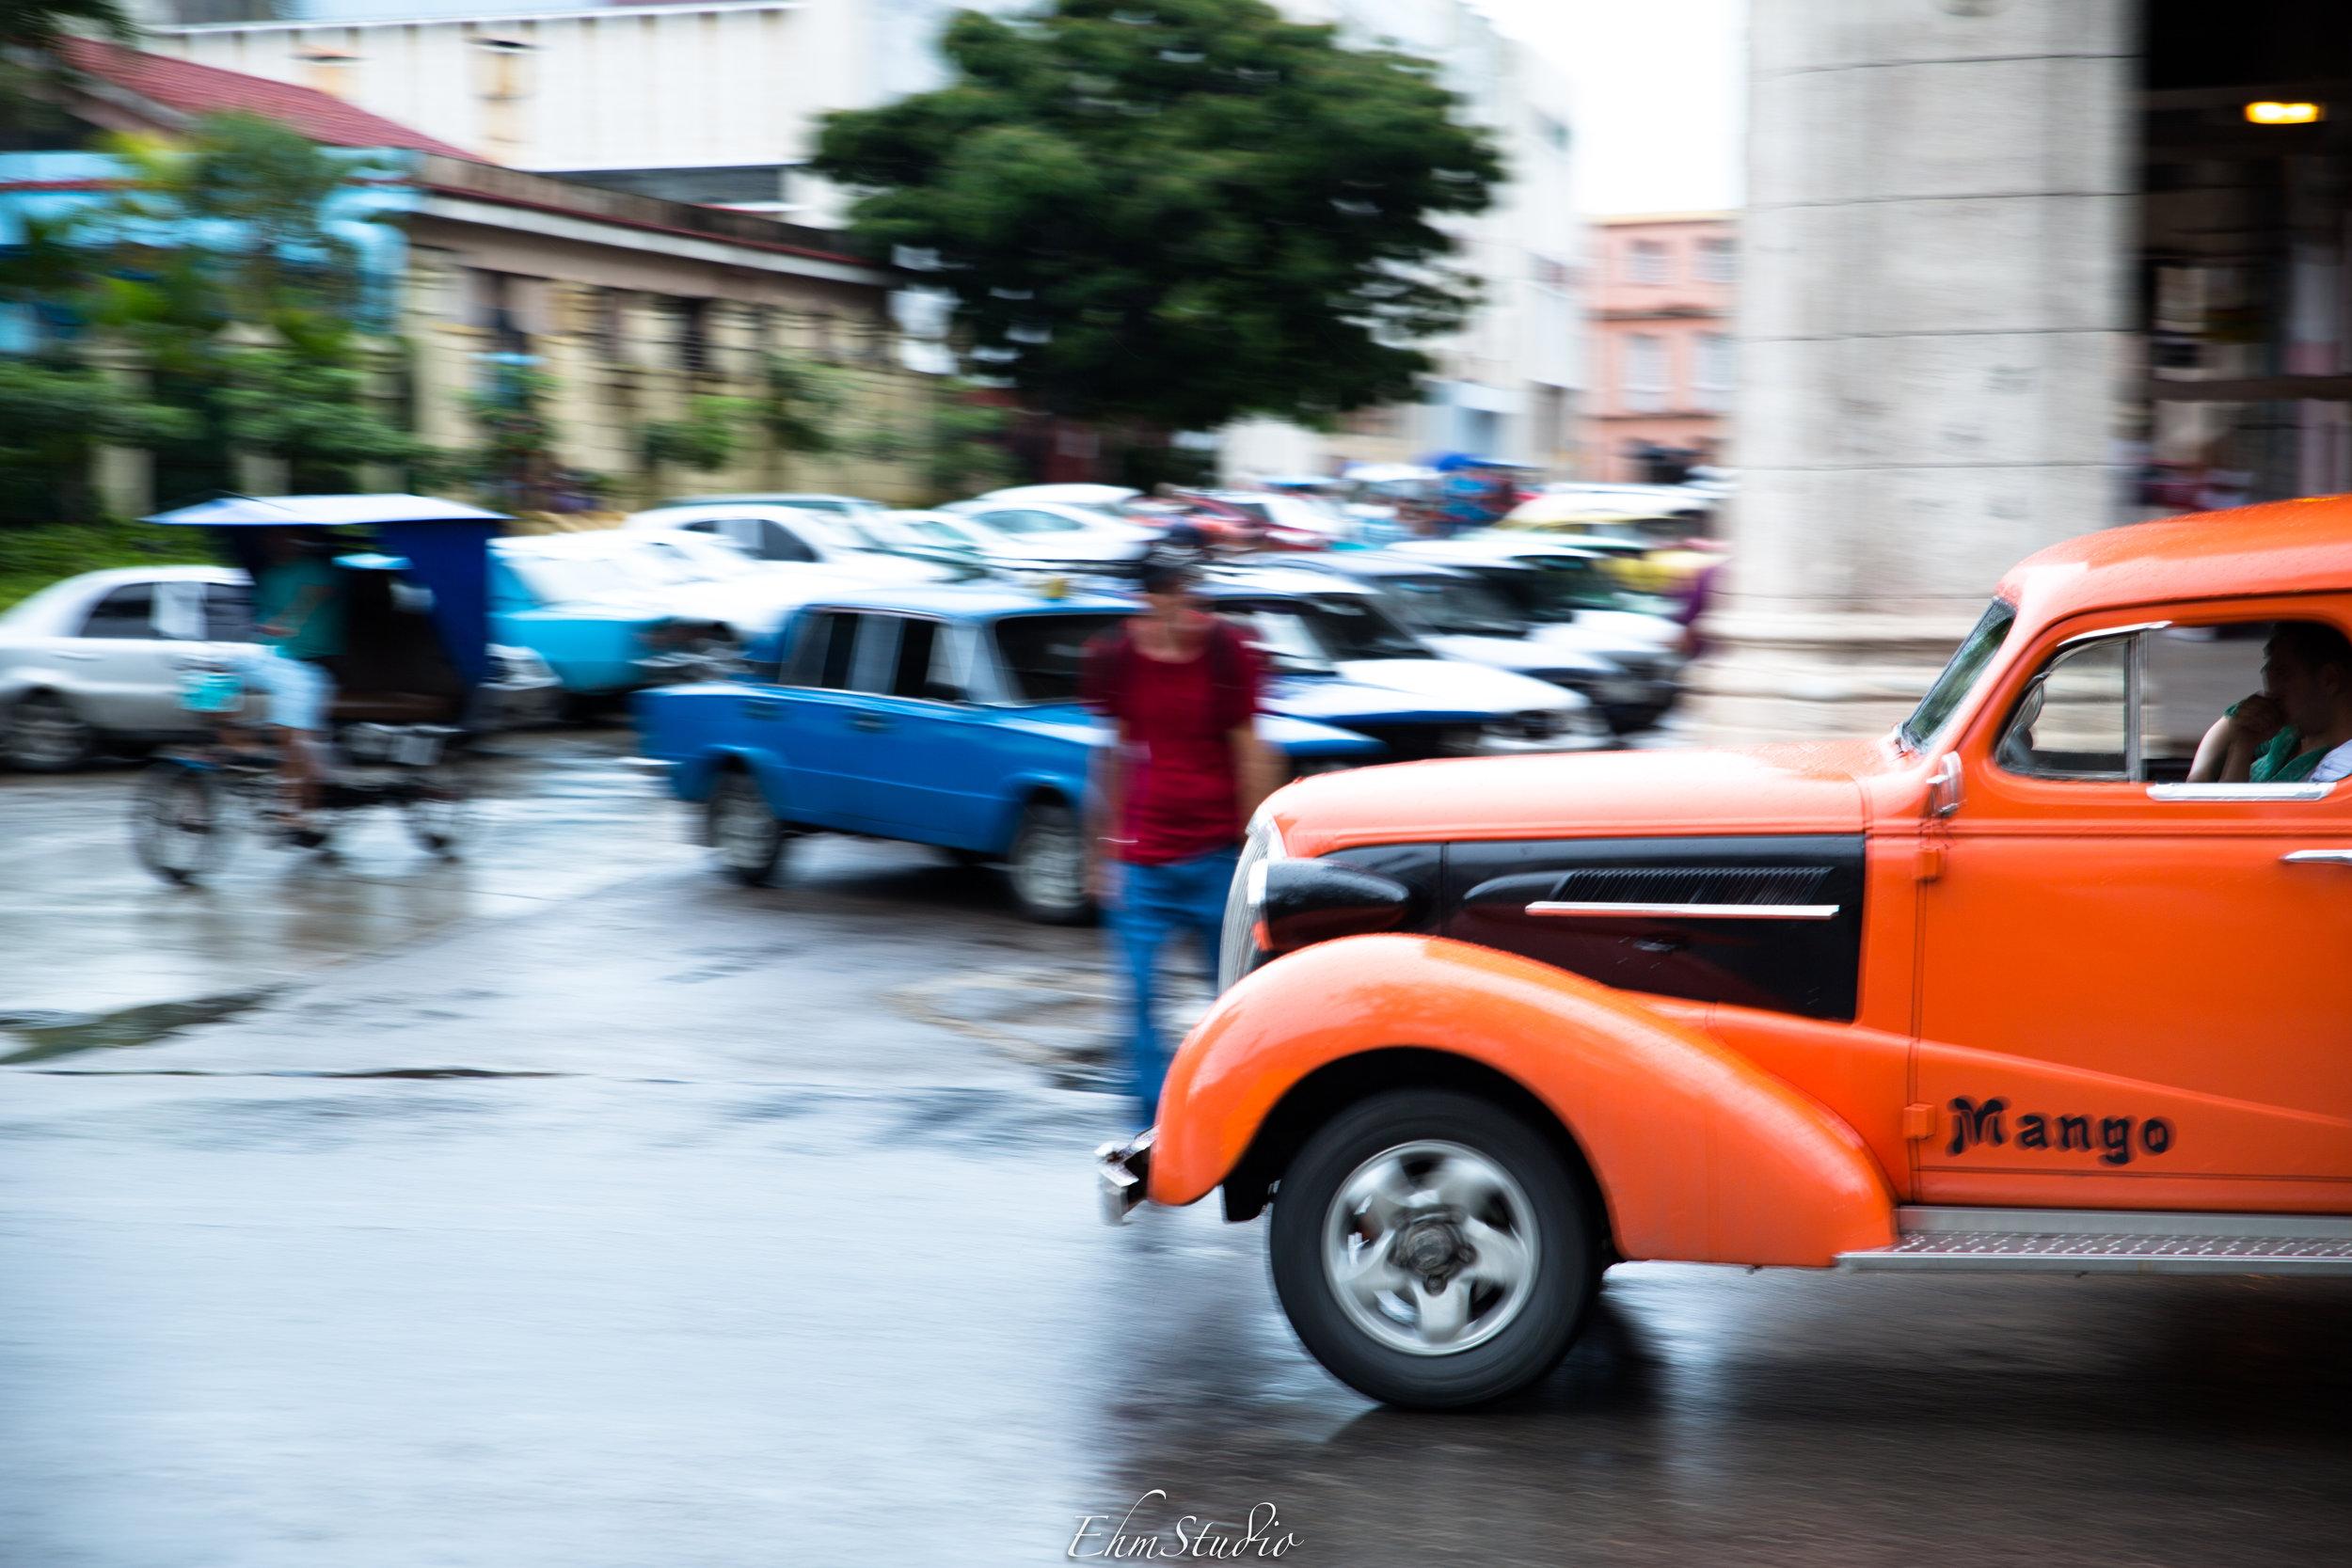 cubancars-2.jpg